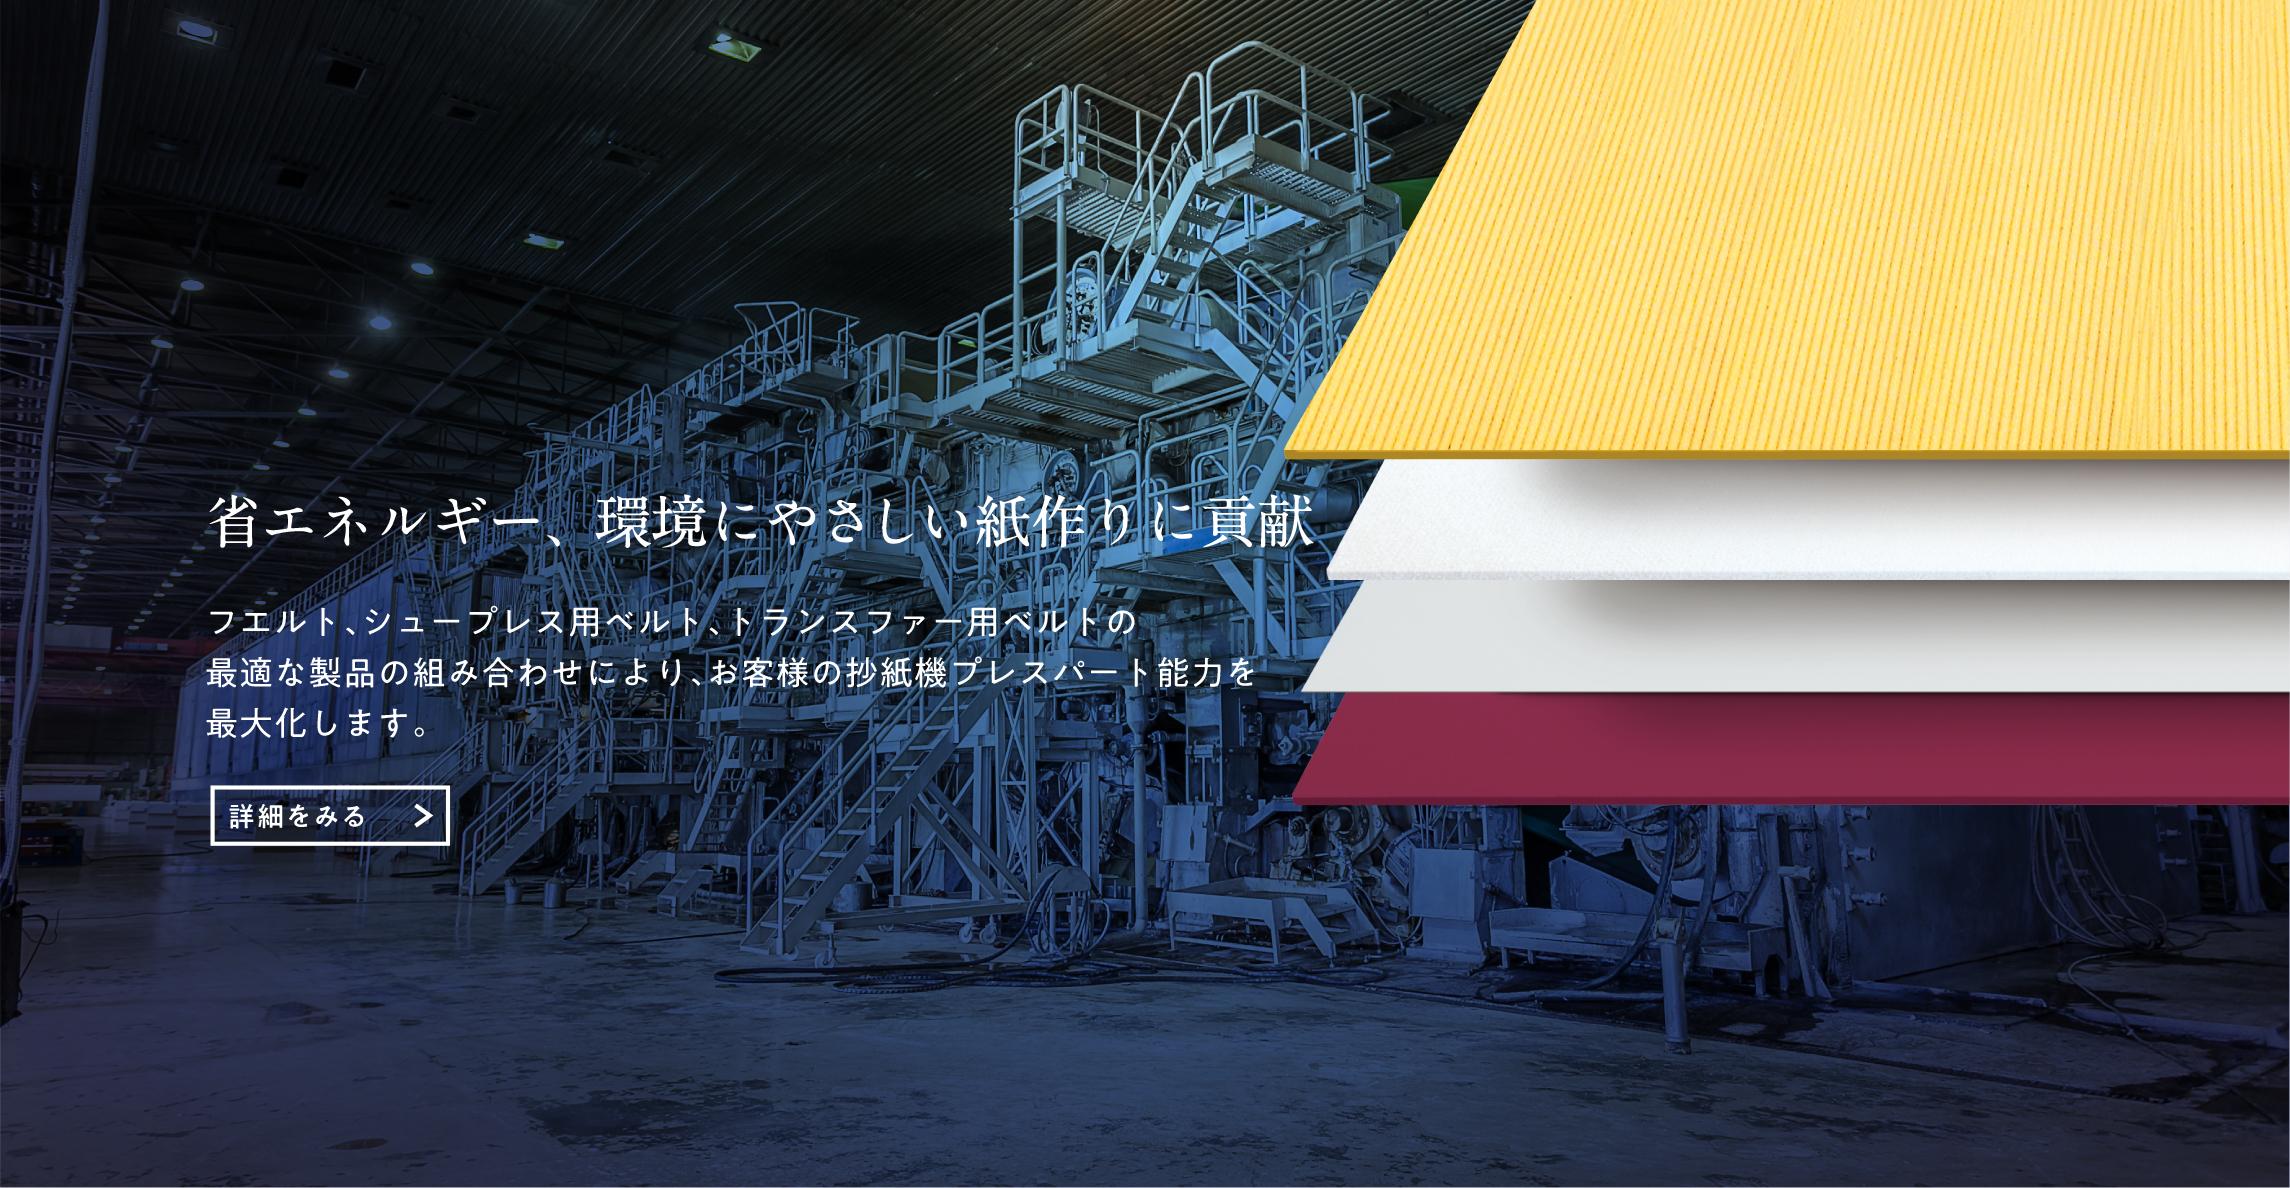 省エネルギー、環境にやさしい紙作りに貢献 フエルト、ベルト、トランスファーベルトの最適な製品の組み合わせにより、お客様の抄紙機プレスパート能力を最大化します。